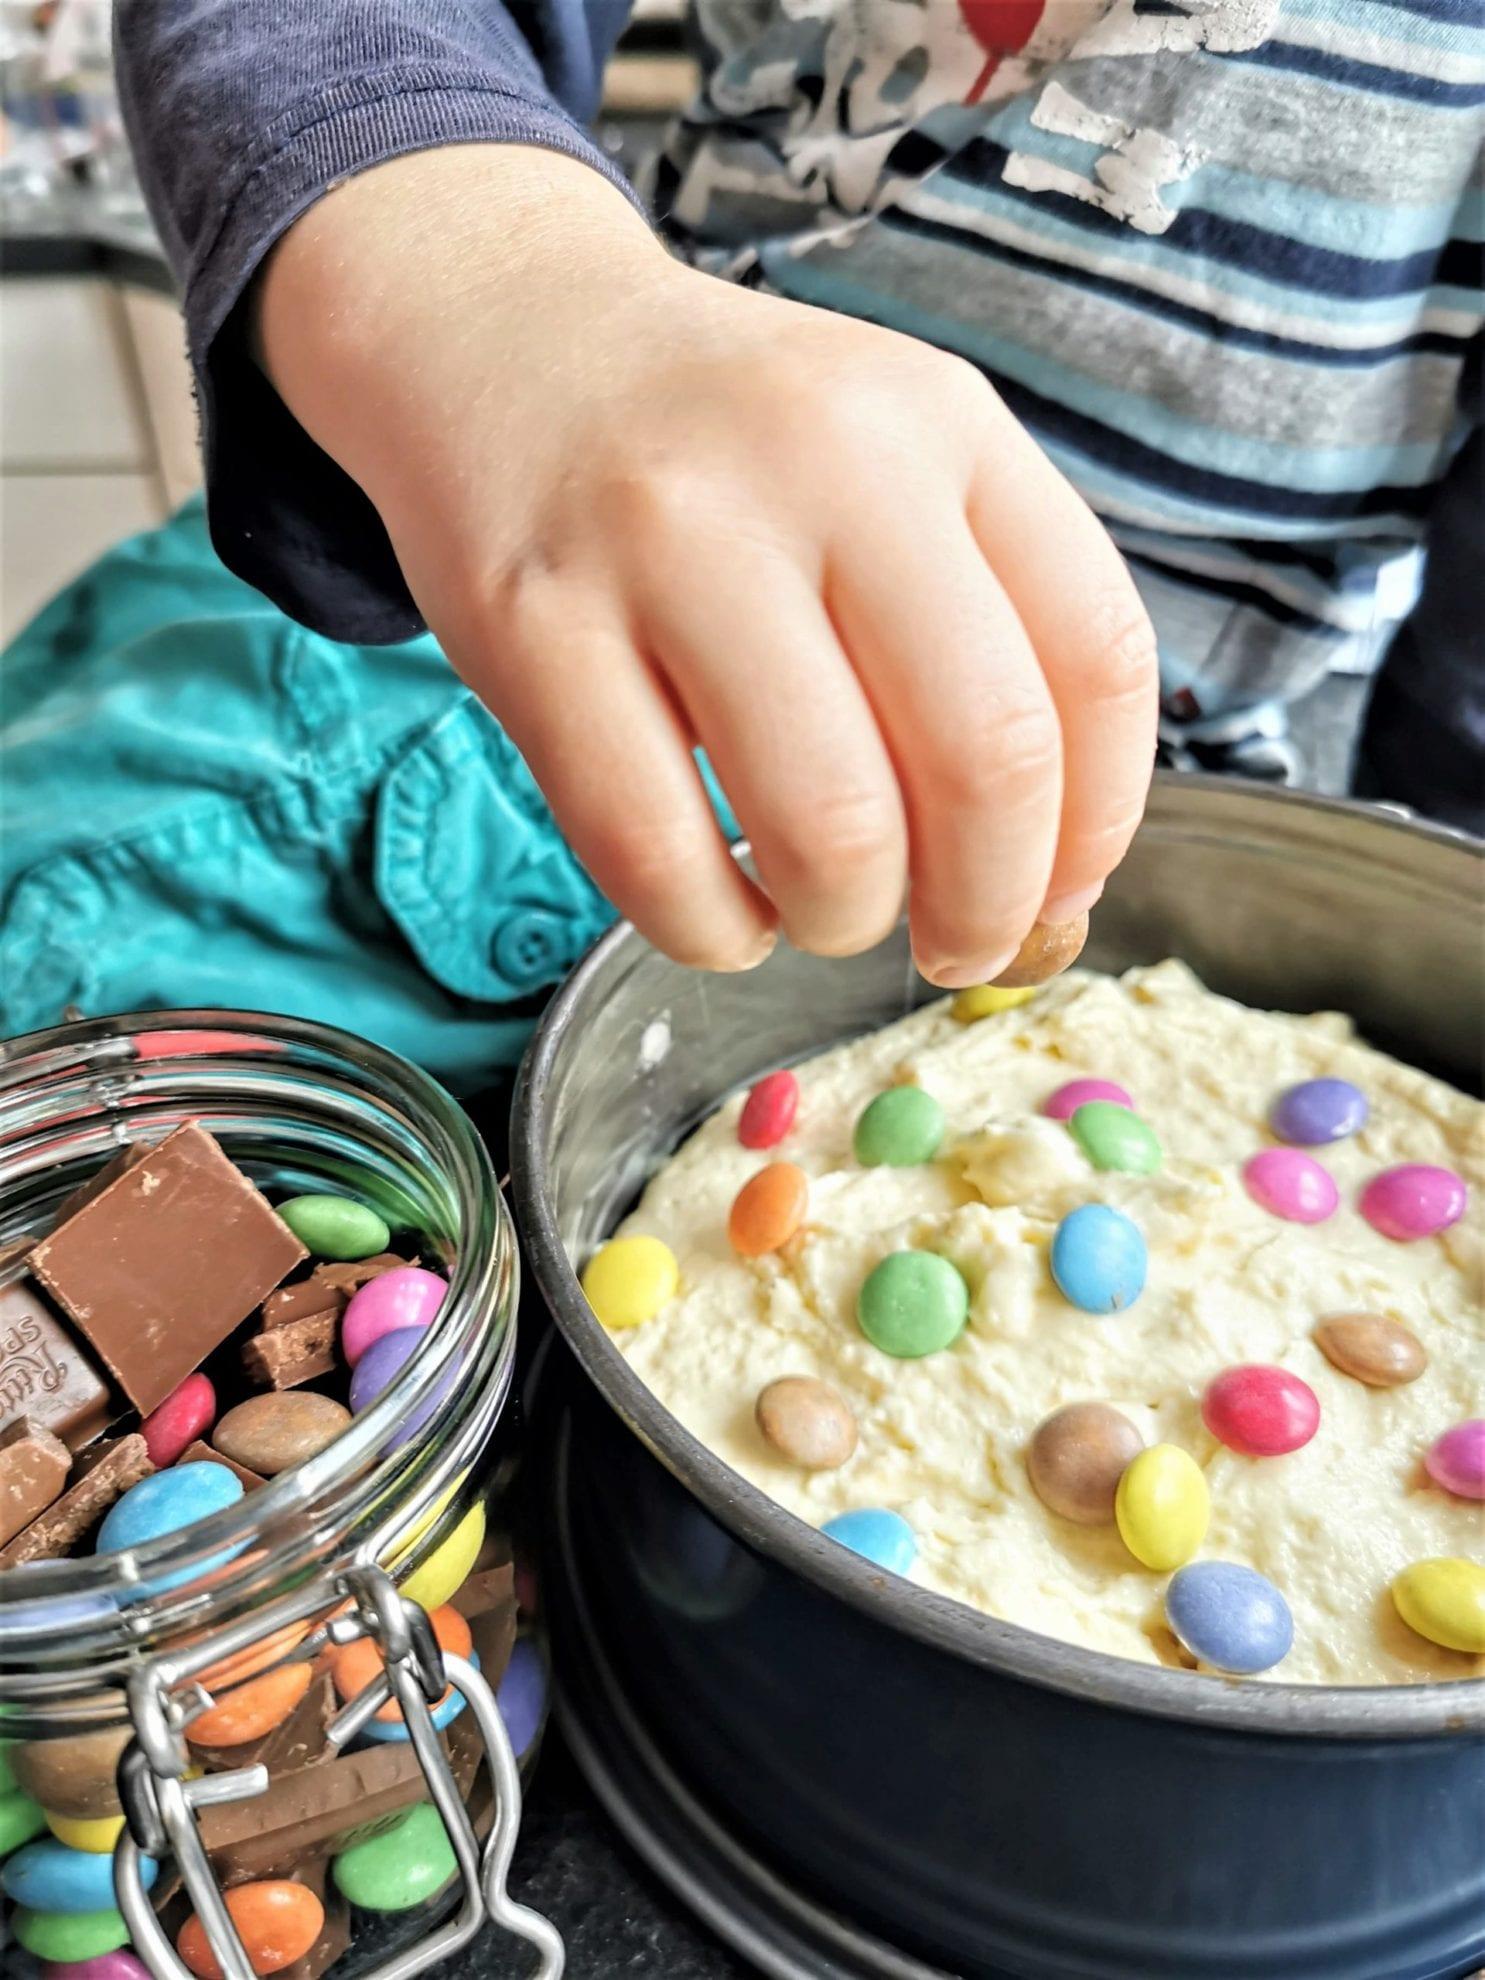 4 Wochen zuckerfrei: Mein Erfahrungsbericht mit Rezepten, Hürden und Schwierigkeiten auf Puddingklecks